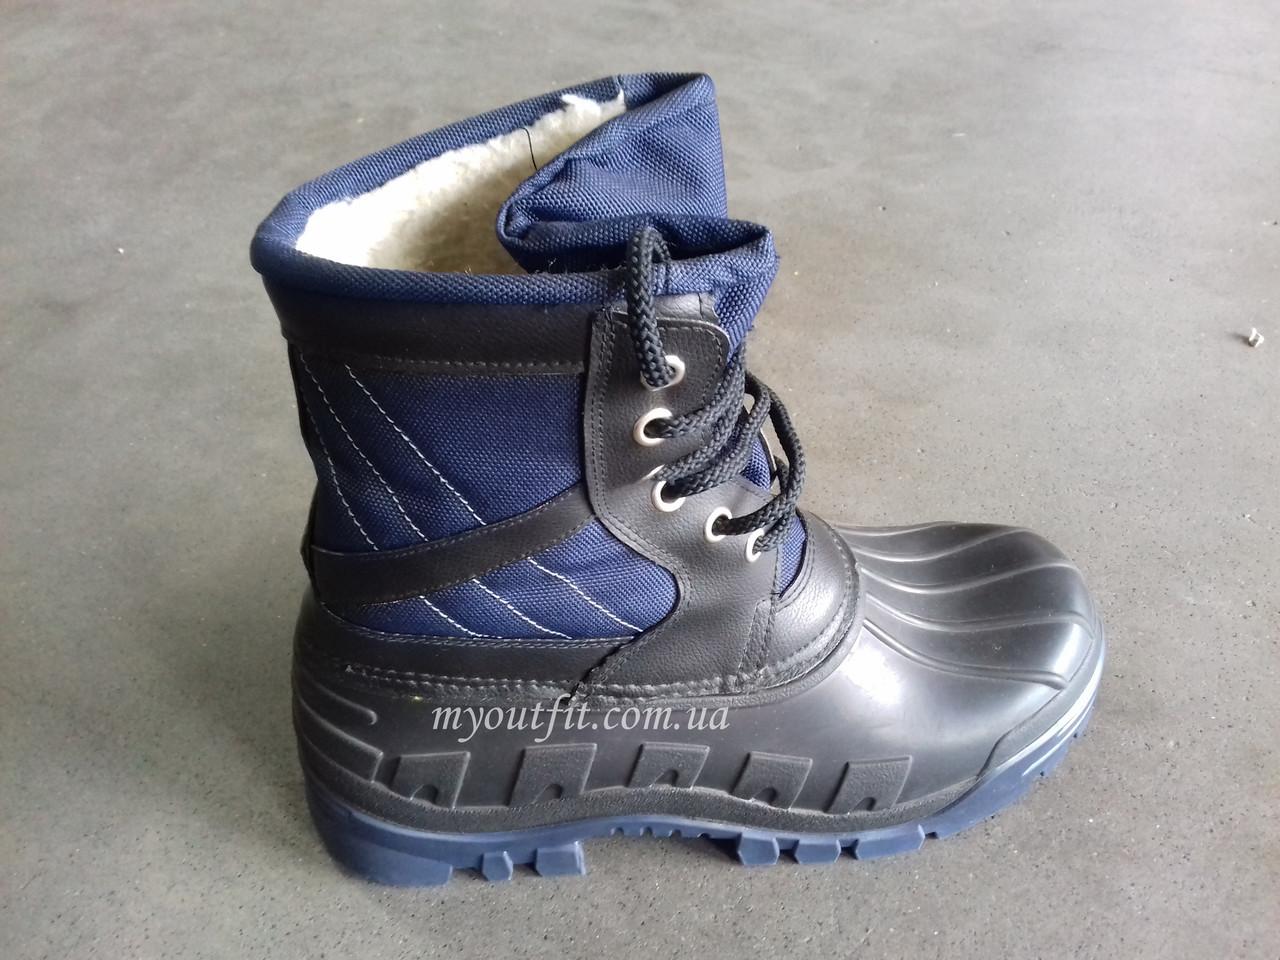 Мужские сапоги для зимней рыбалки Охоты Короткие сноубутсы на шнурках Синие   Размер 41-46  